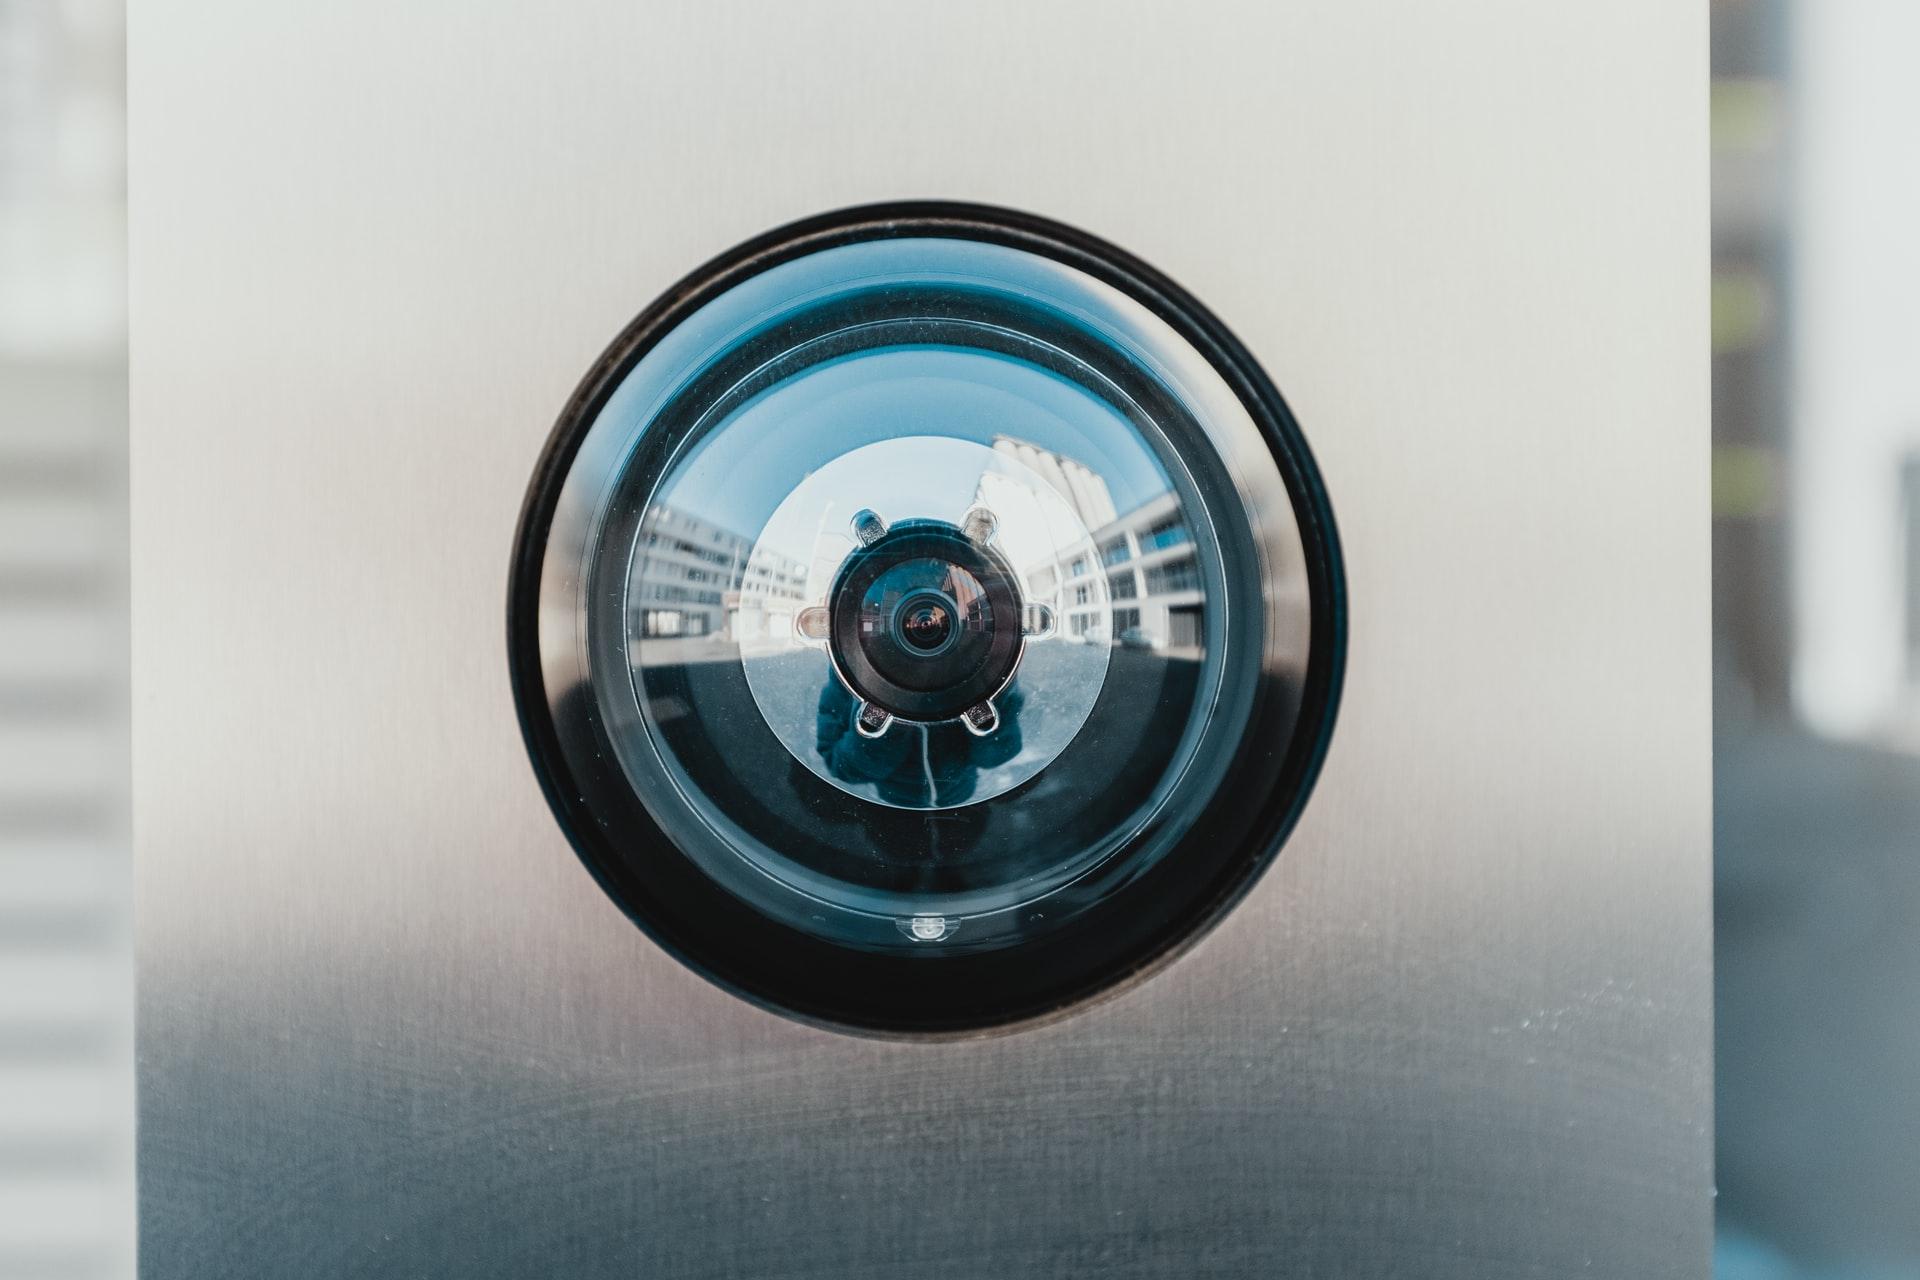 200331 - Caméra de surveillance Louvain Belgique by Bernard Hermant Licence Unsplash - La Déviation